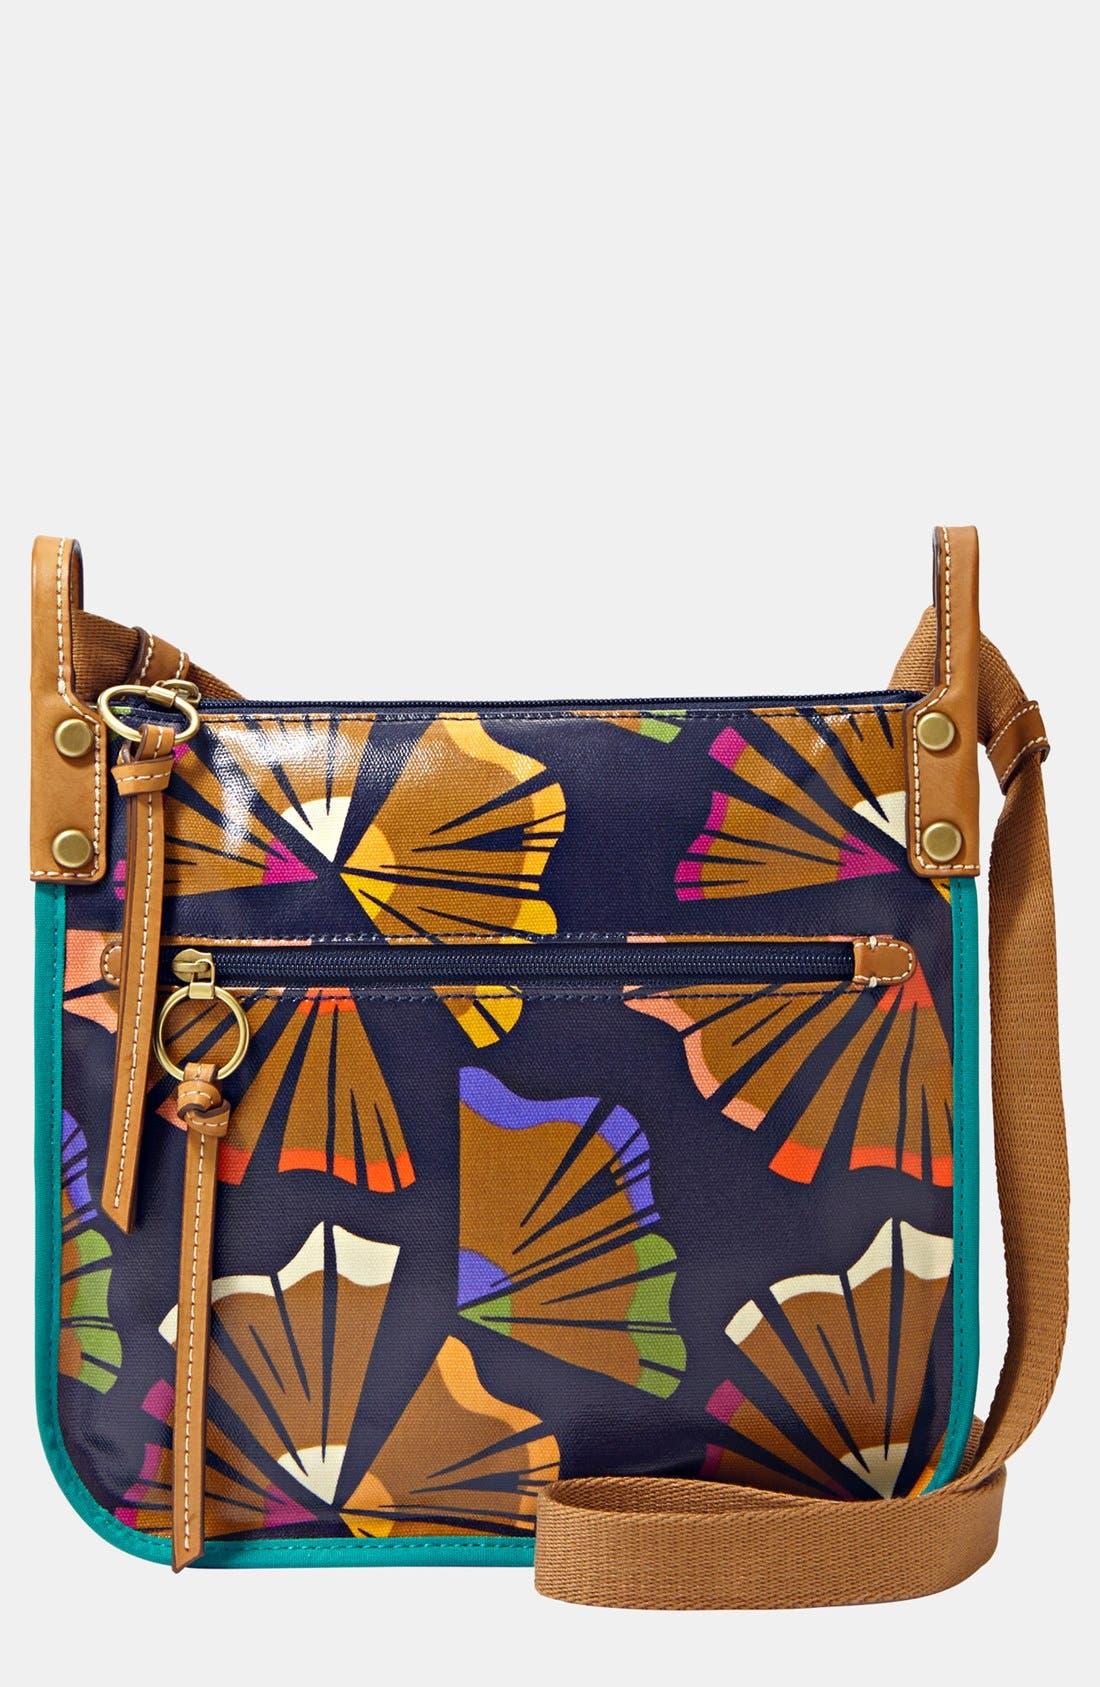 Main Image - Fossil 'Key-Per' Crossbody Bag